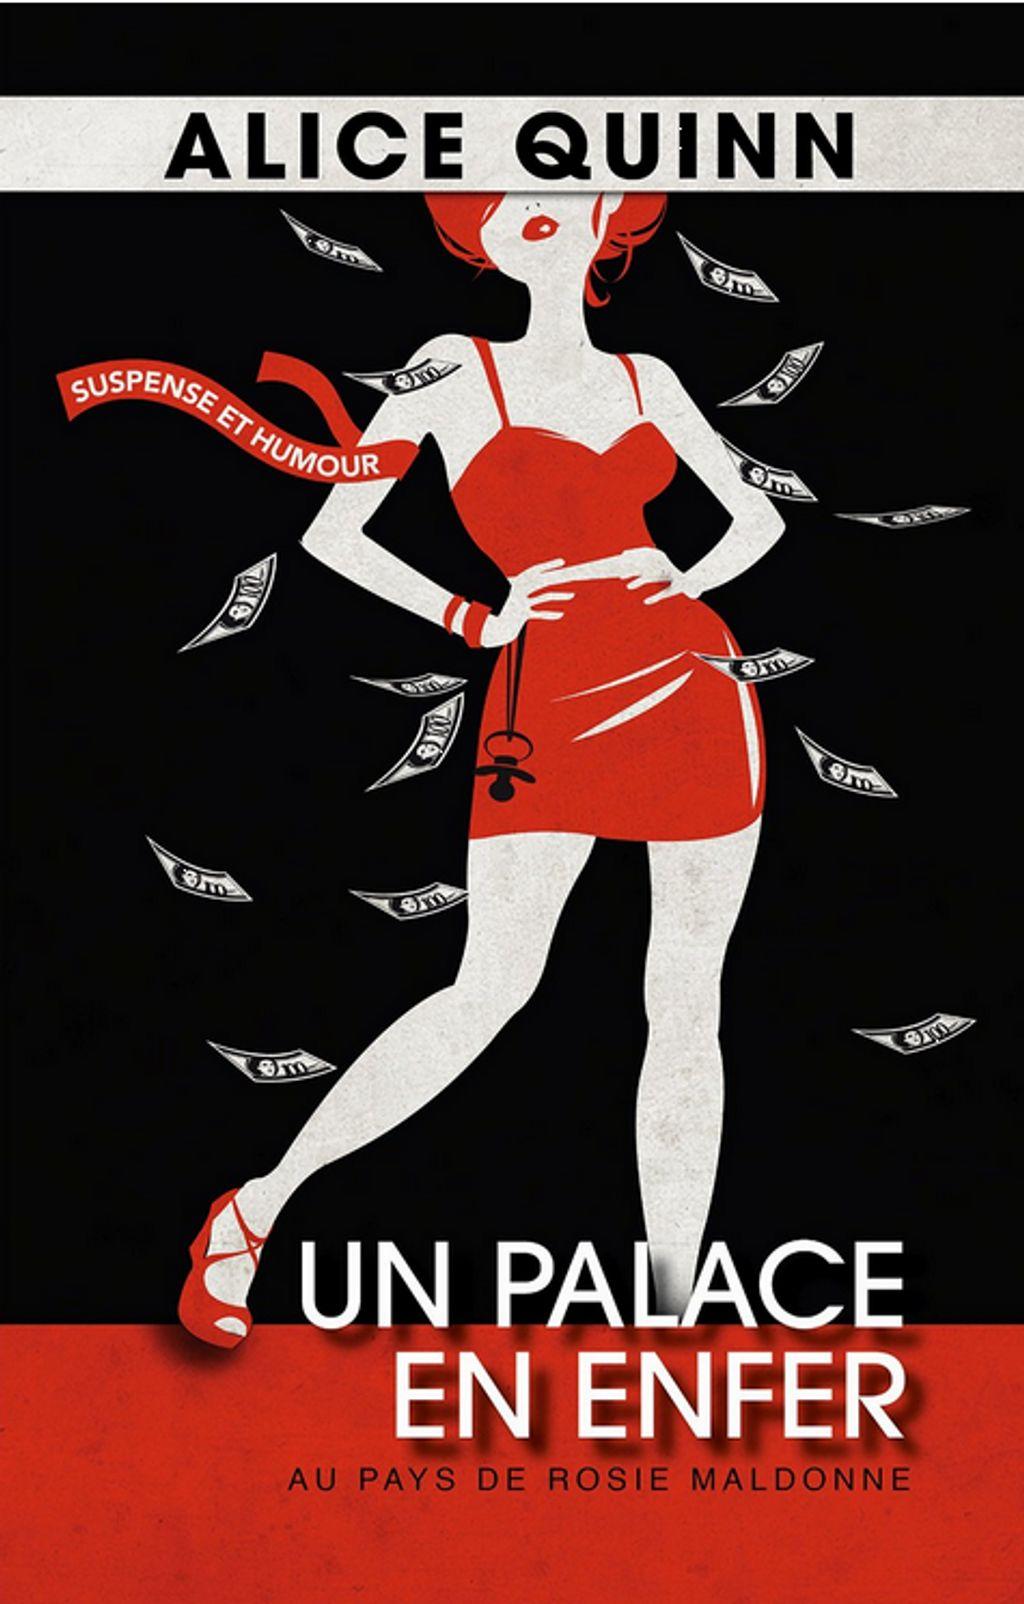 Un Palace en Enfer : Ca donne quoi, une caravane et des billets de banque qui se baladent on ne sait où ?